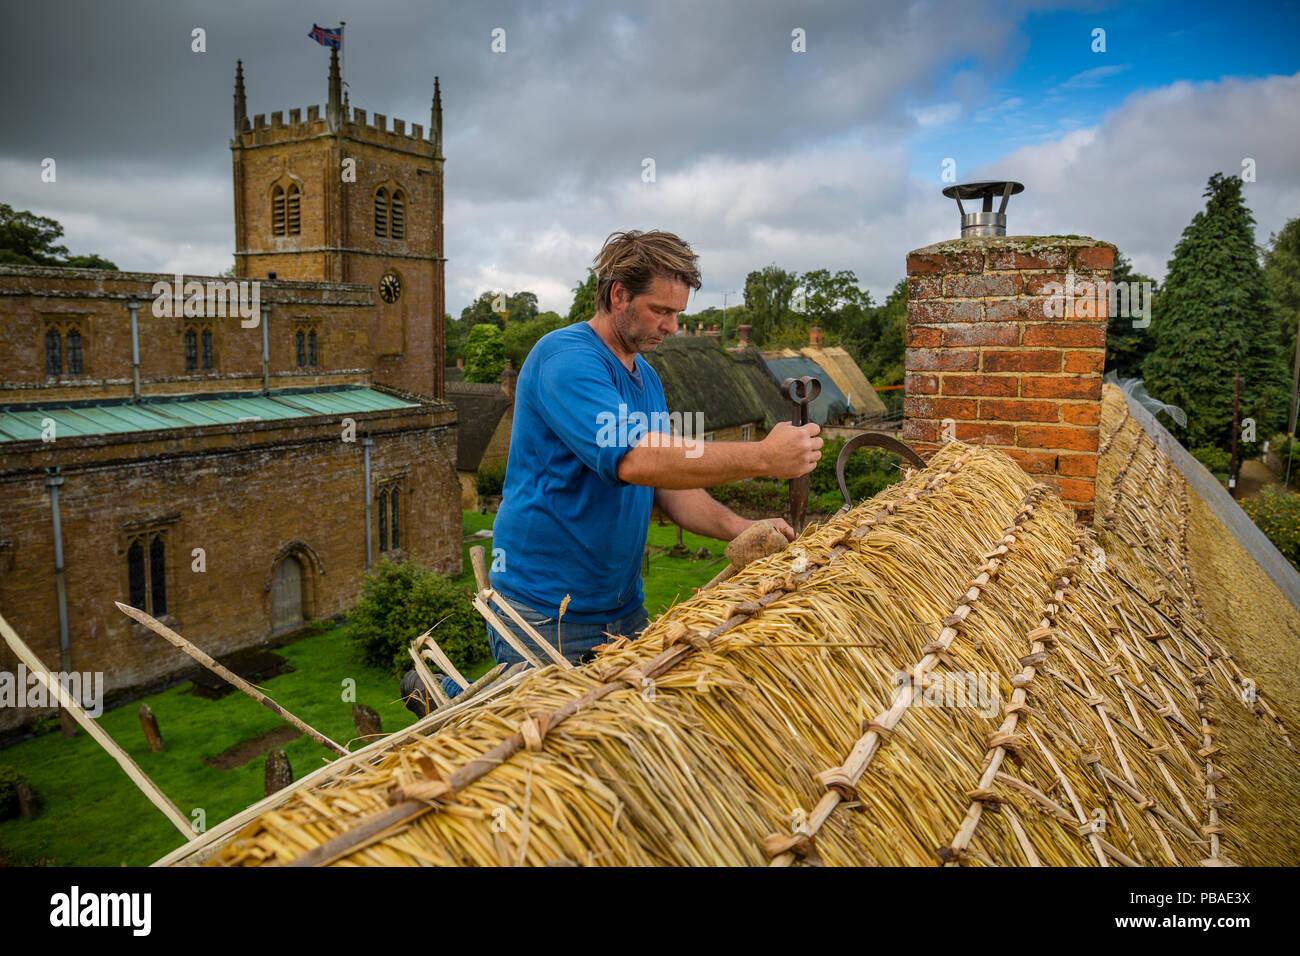 Dan Quatermain, maître thatcher, travaillant sur un toit de chaume dans le village de Wroxton, Oxfordshire, UK. Septembre 2015. Photo Stock